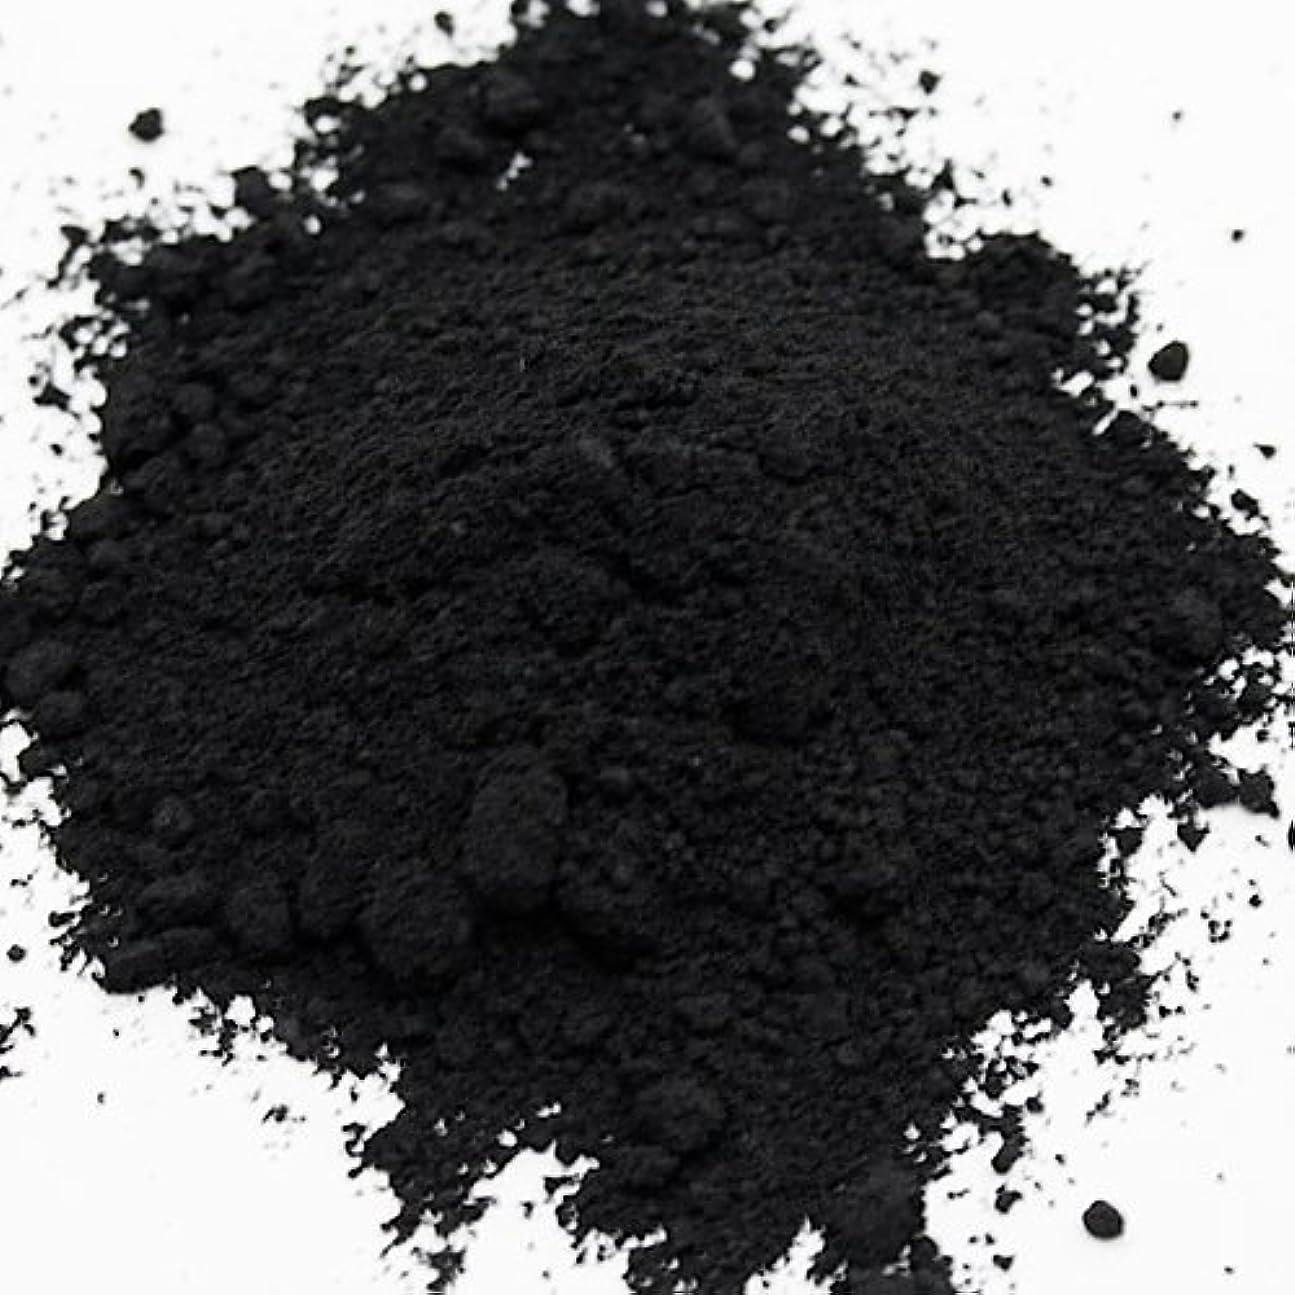 ブラウザリスナー十代酸化鉄 ブラック 5g 【手作り石鹸/手作りコスメ/色付け/カラーラント/黒】